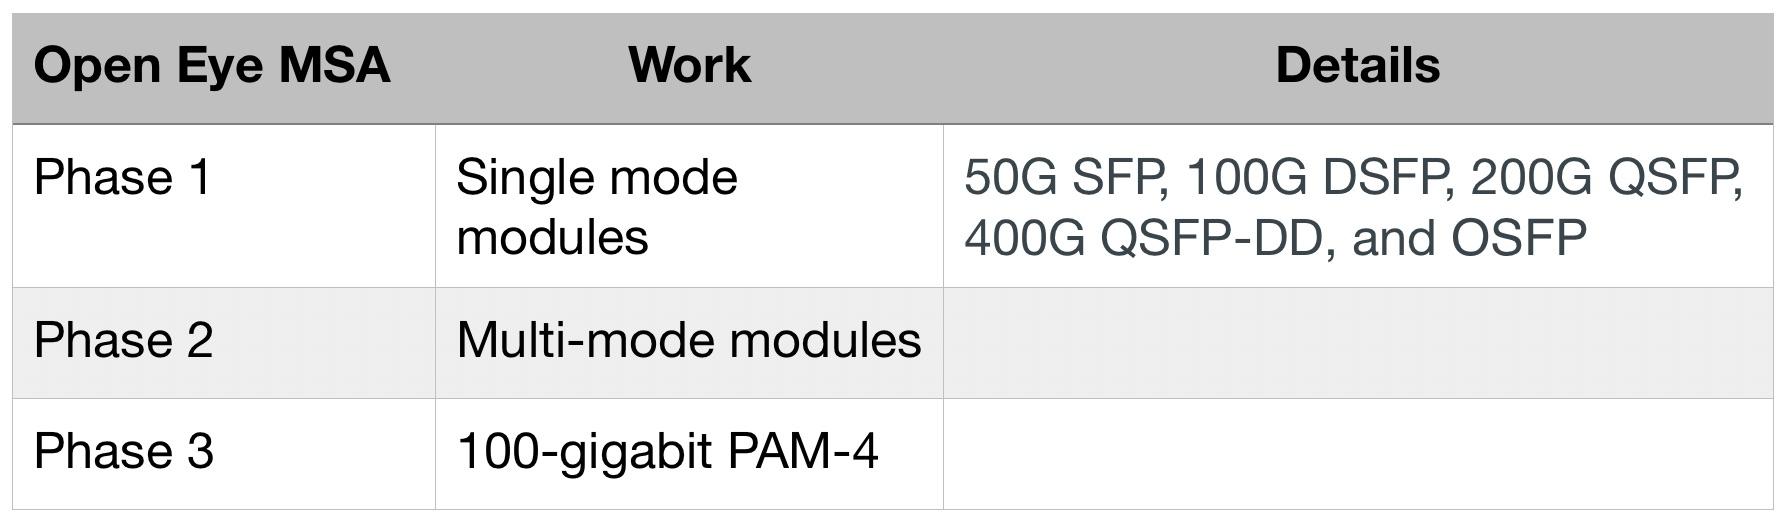 Gazettabyte - Home - Open Eye MSA offers an alternative to PAM-4 DSPs